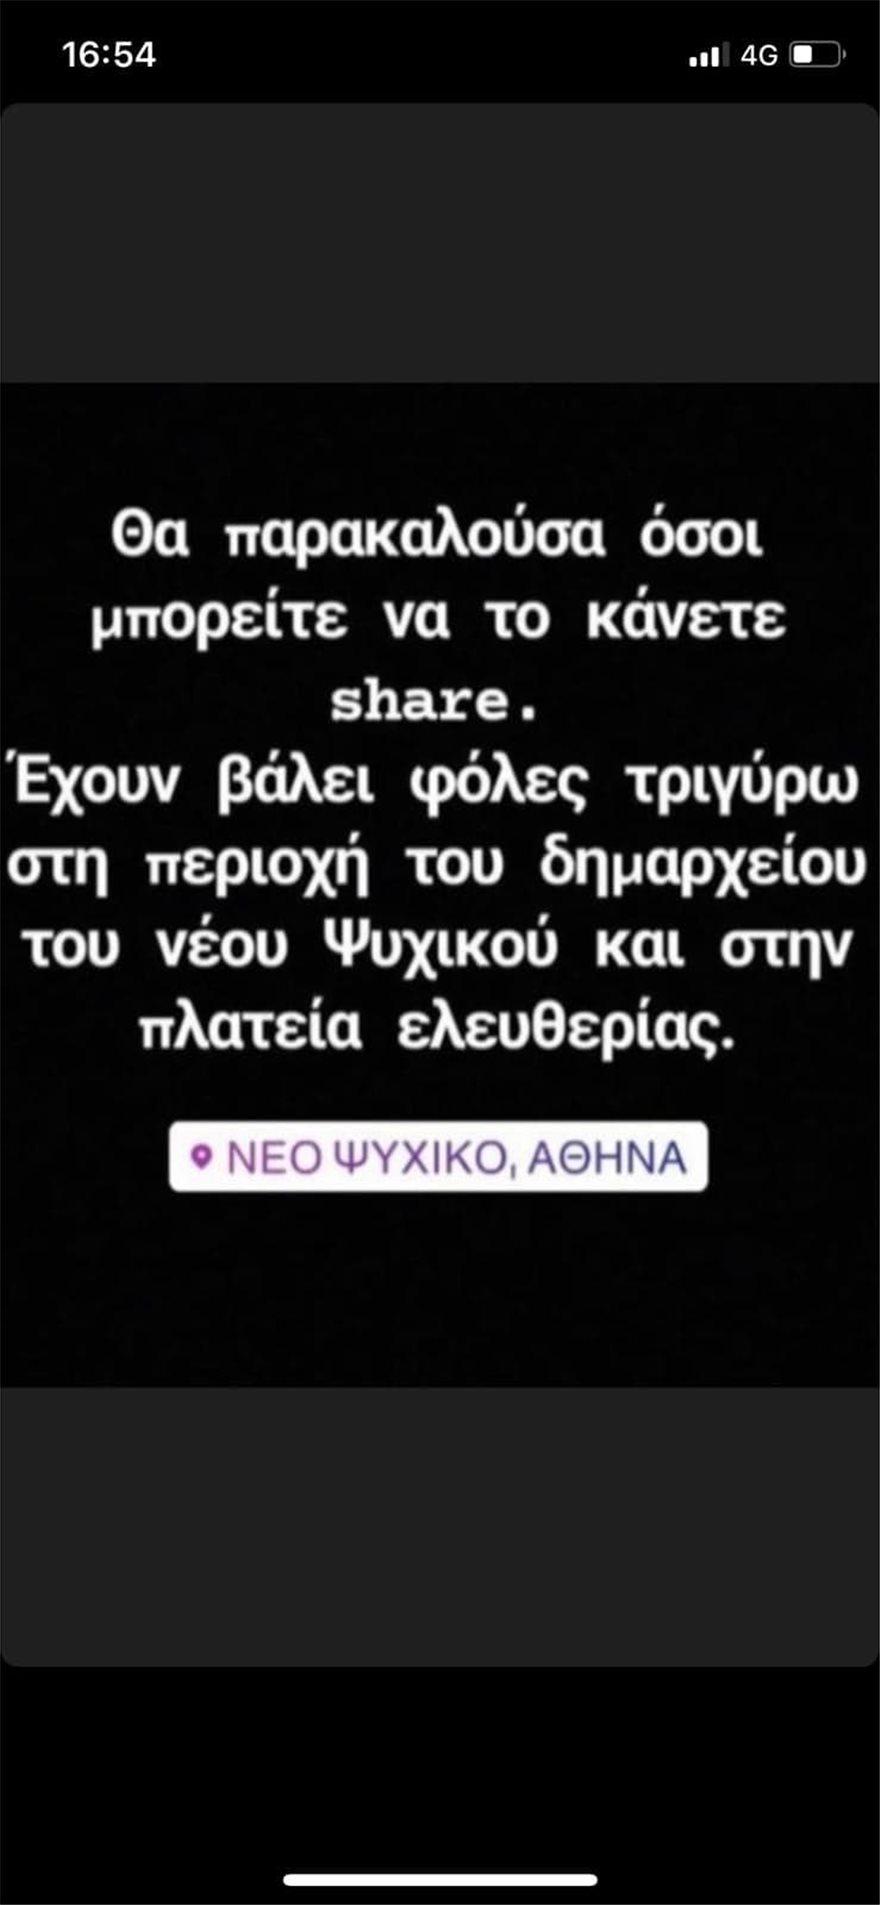 psyxiko_foles